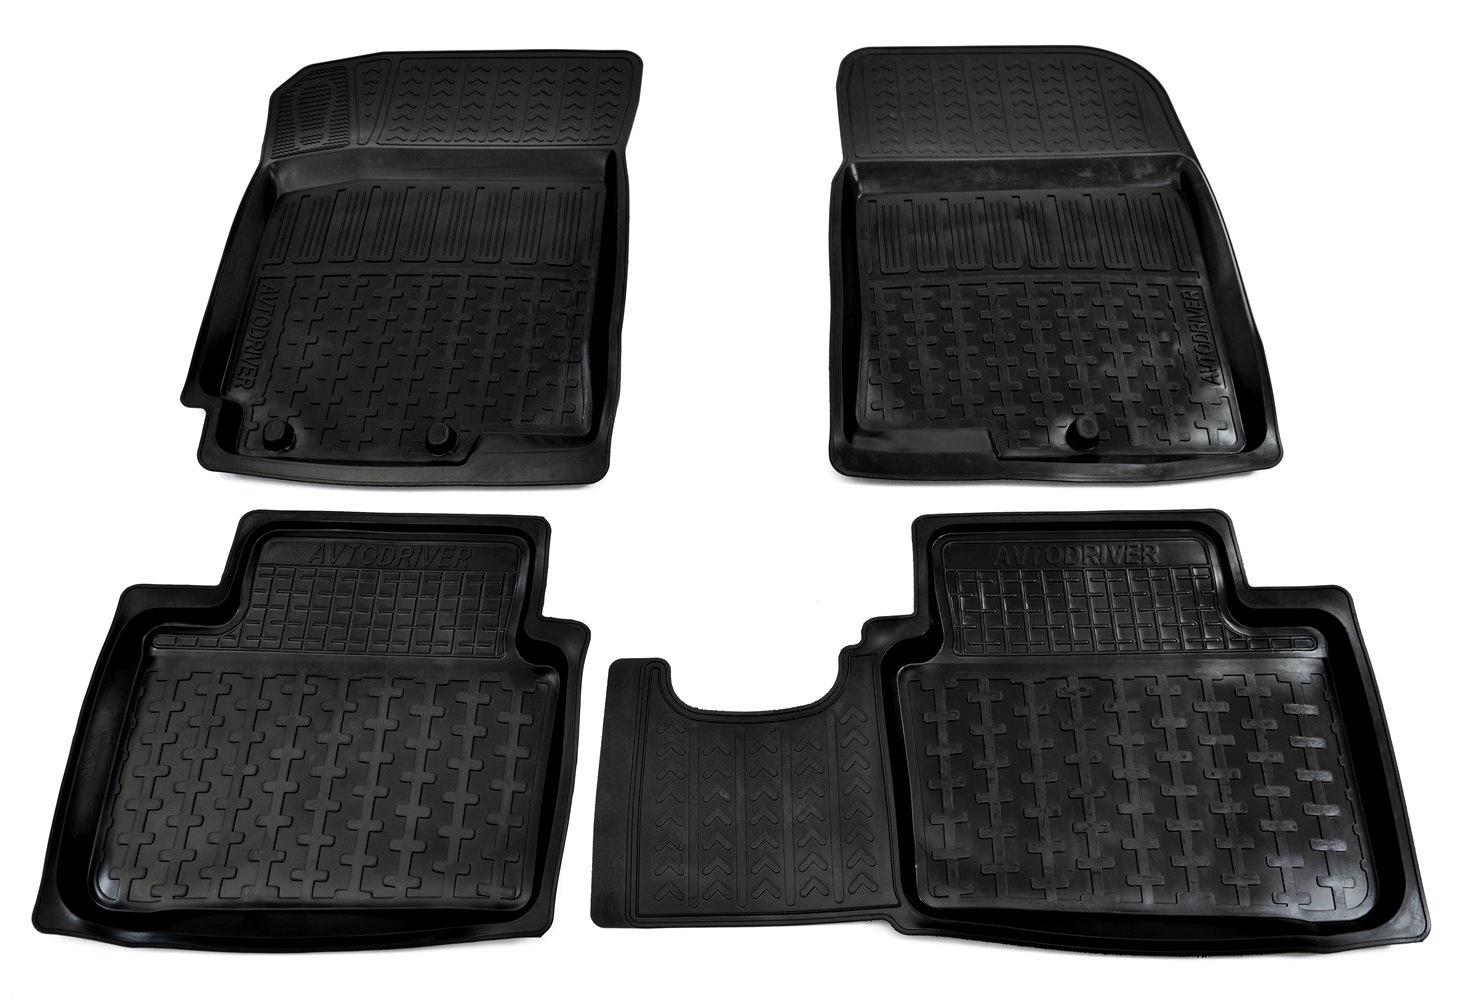 Коврики в салон автомобиля Avtodriver, для Kia Rio, 2011-2017, ADRPRO003, резиновые, с бортиком, черный комплект ковриков в салон автомобиля klever kia rio 2011 econom